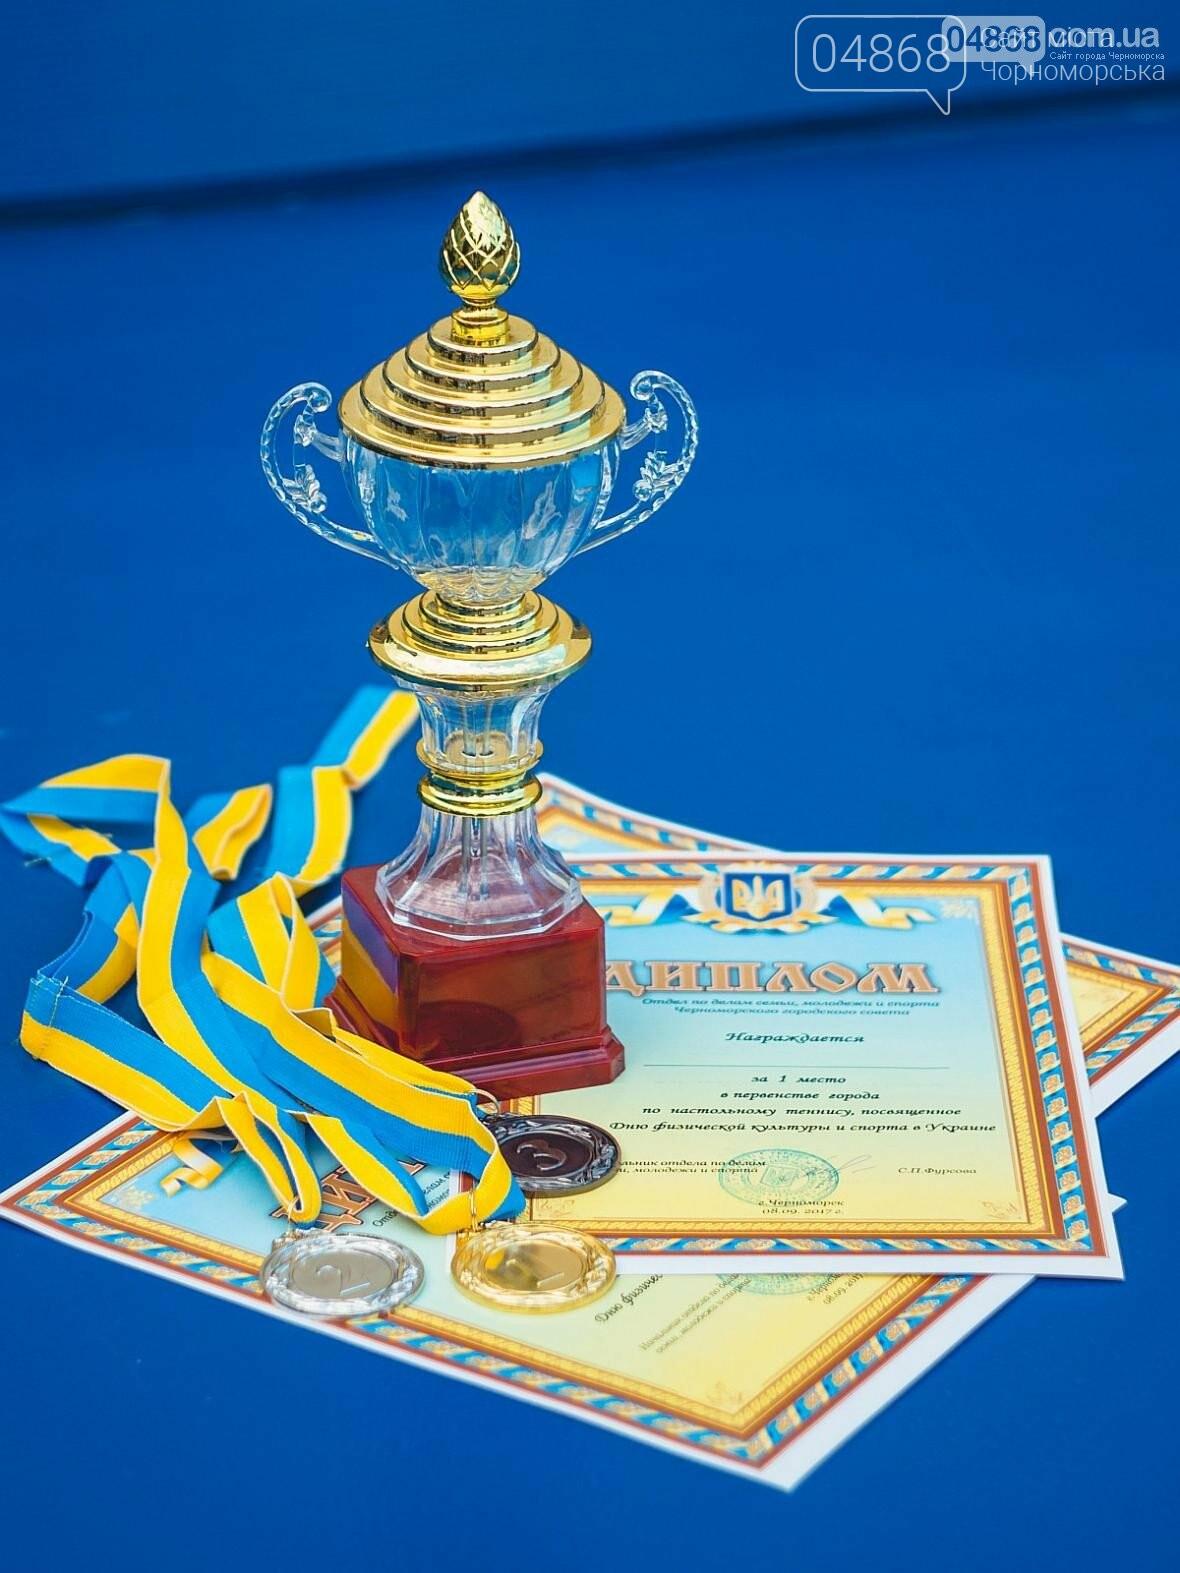 К Дню Независимости Украины в Черноморске пройдёт сразу три теннисных турнира, фото-3